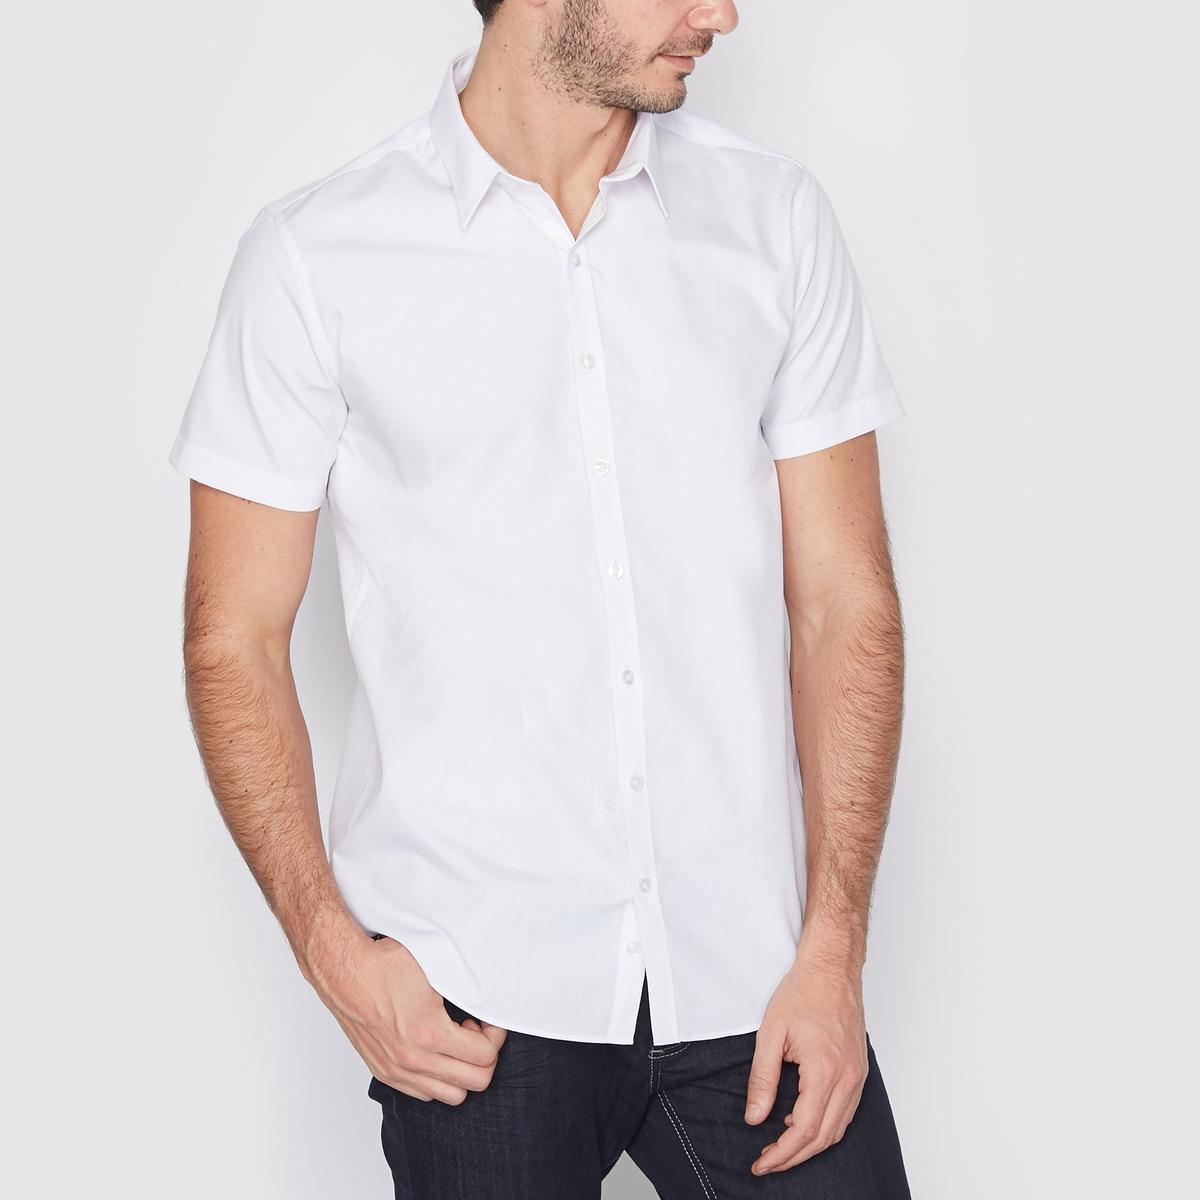 Рубашка однотонная прямого покрояРубашка с короткими рукавами, прямой покрой, воротник со свободными уголками. Длина 77 см. Легкая глажка.Закругленный низ. 55% хлопка, 45% полиэстера.<br><br>Цвет: белый,черный<br>Размер: 35/36.41/42